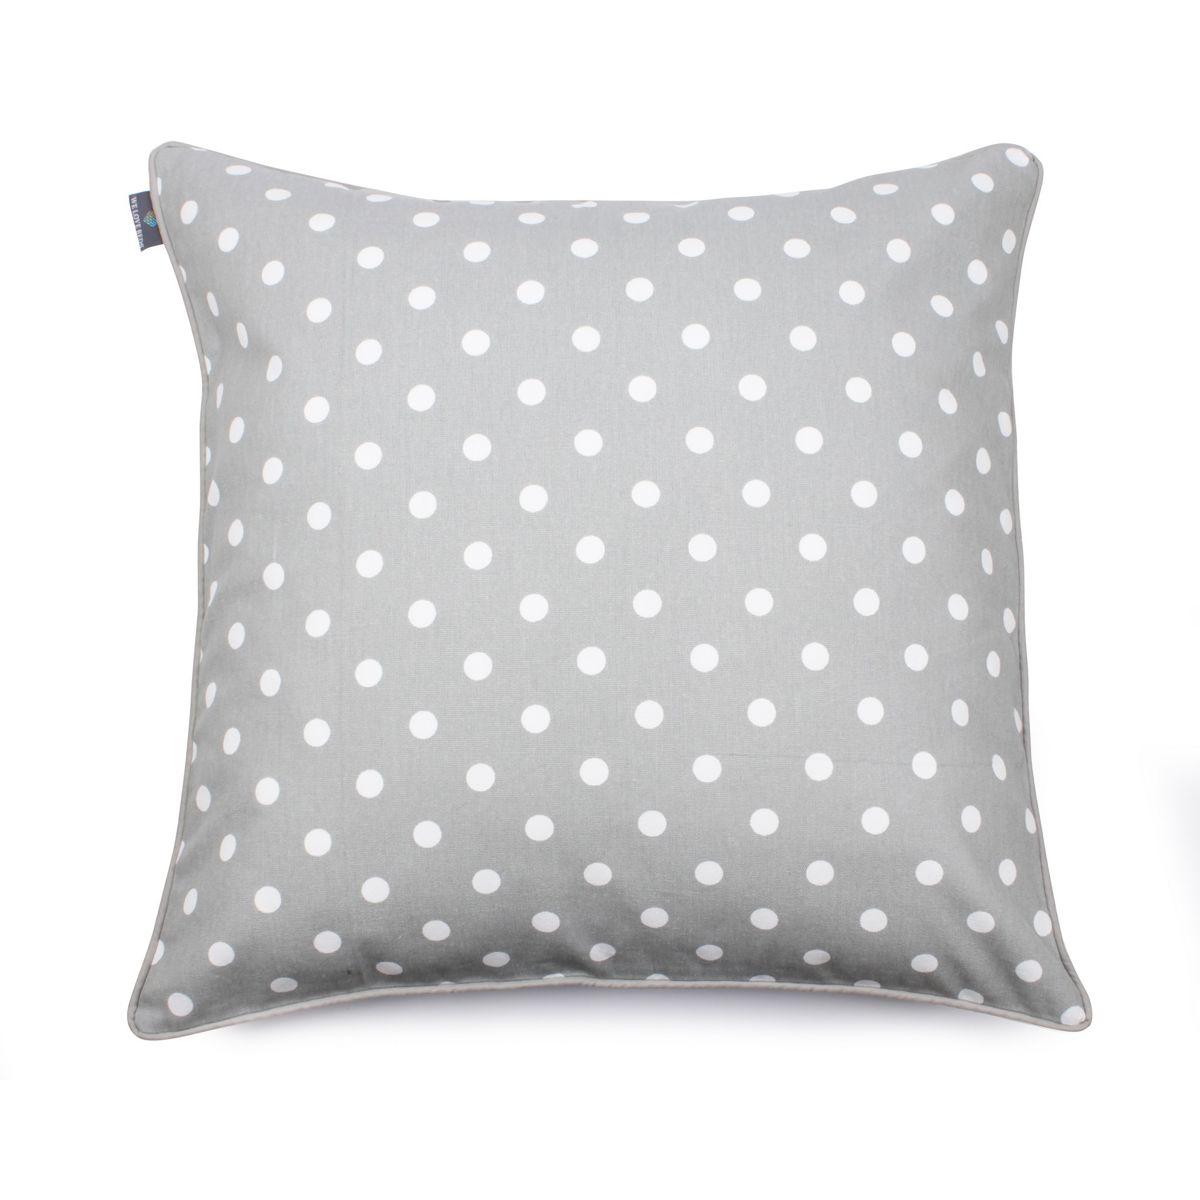 Poduszka Dekoracyjna Z Wkładem Dots Grey 60 X 60 Cm We Love Beds